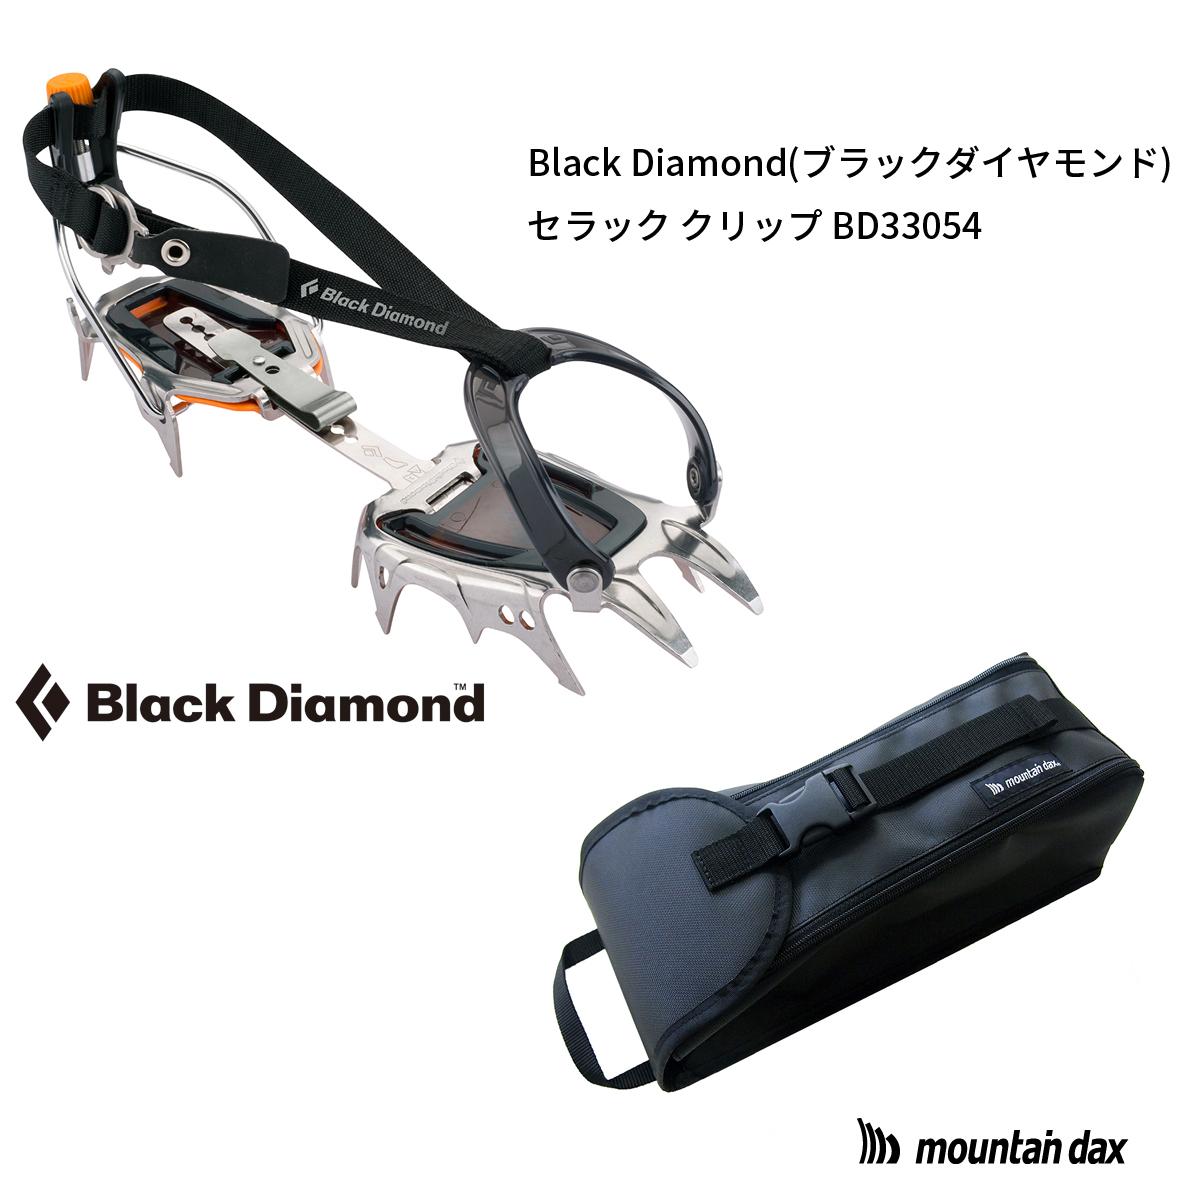 Black Diamond(ブラックダイヤモンド)セラック クリップ BD33054【mt.daxアイゼンケース付】